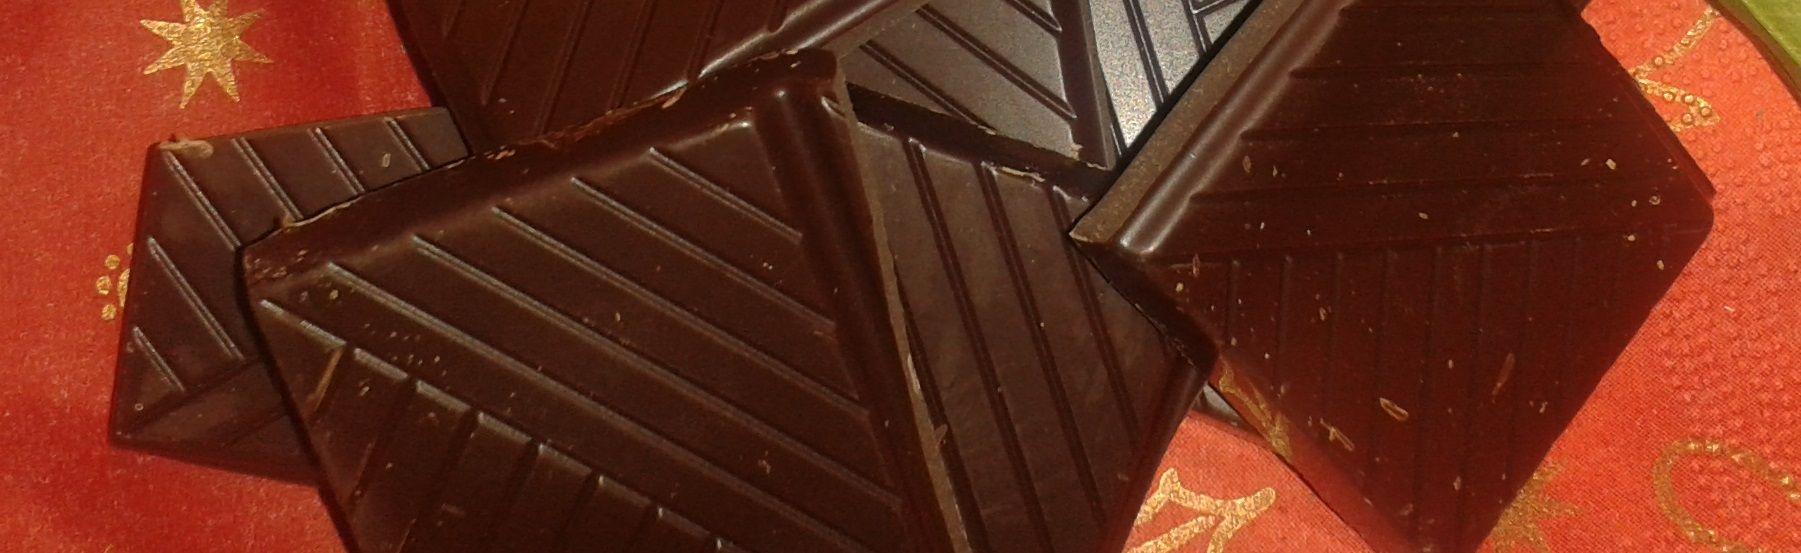 Schokolade & Kakao, Götterspeise nicht nur für Götter. Ist sie auch gesund?